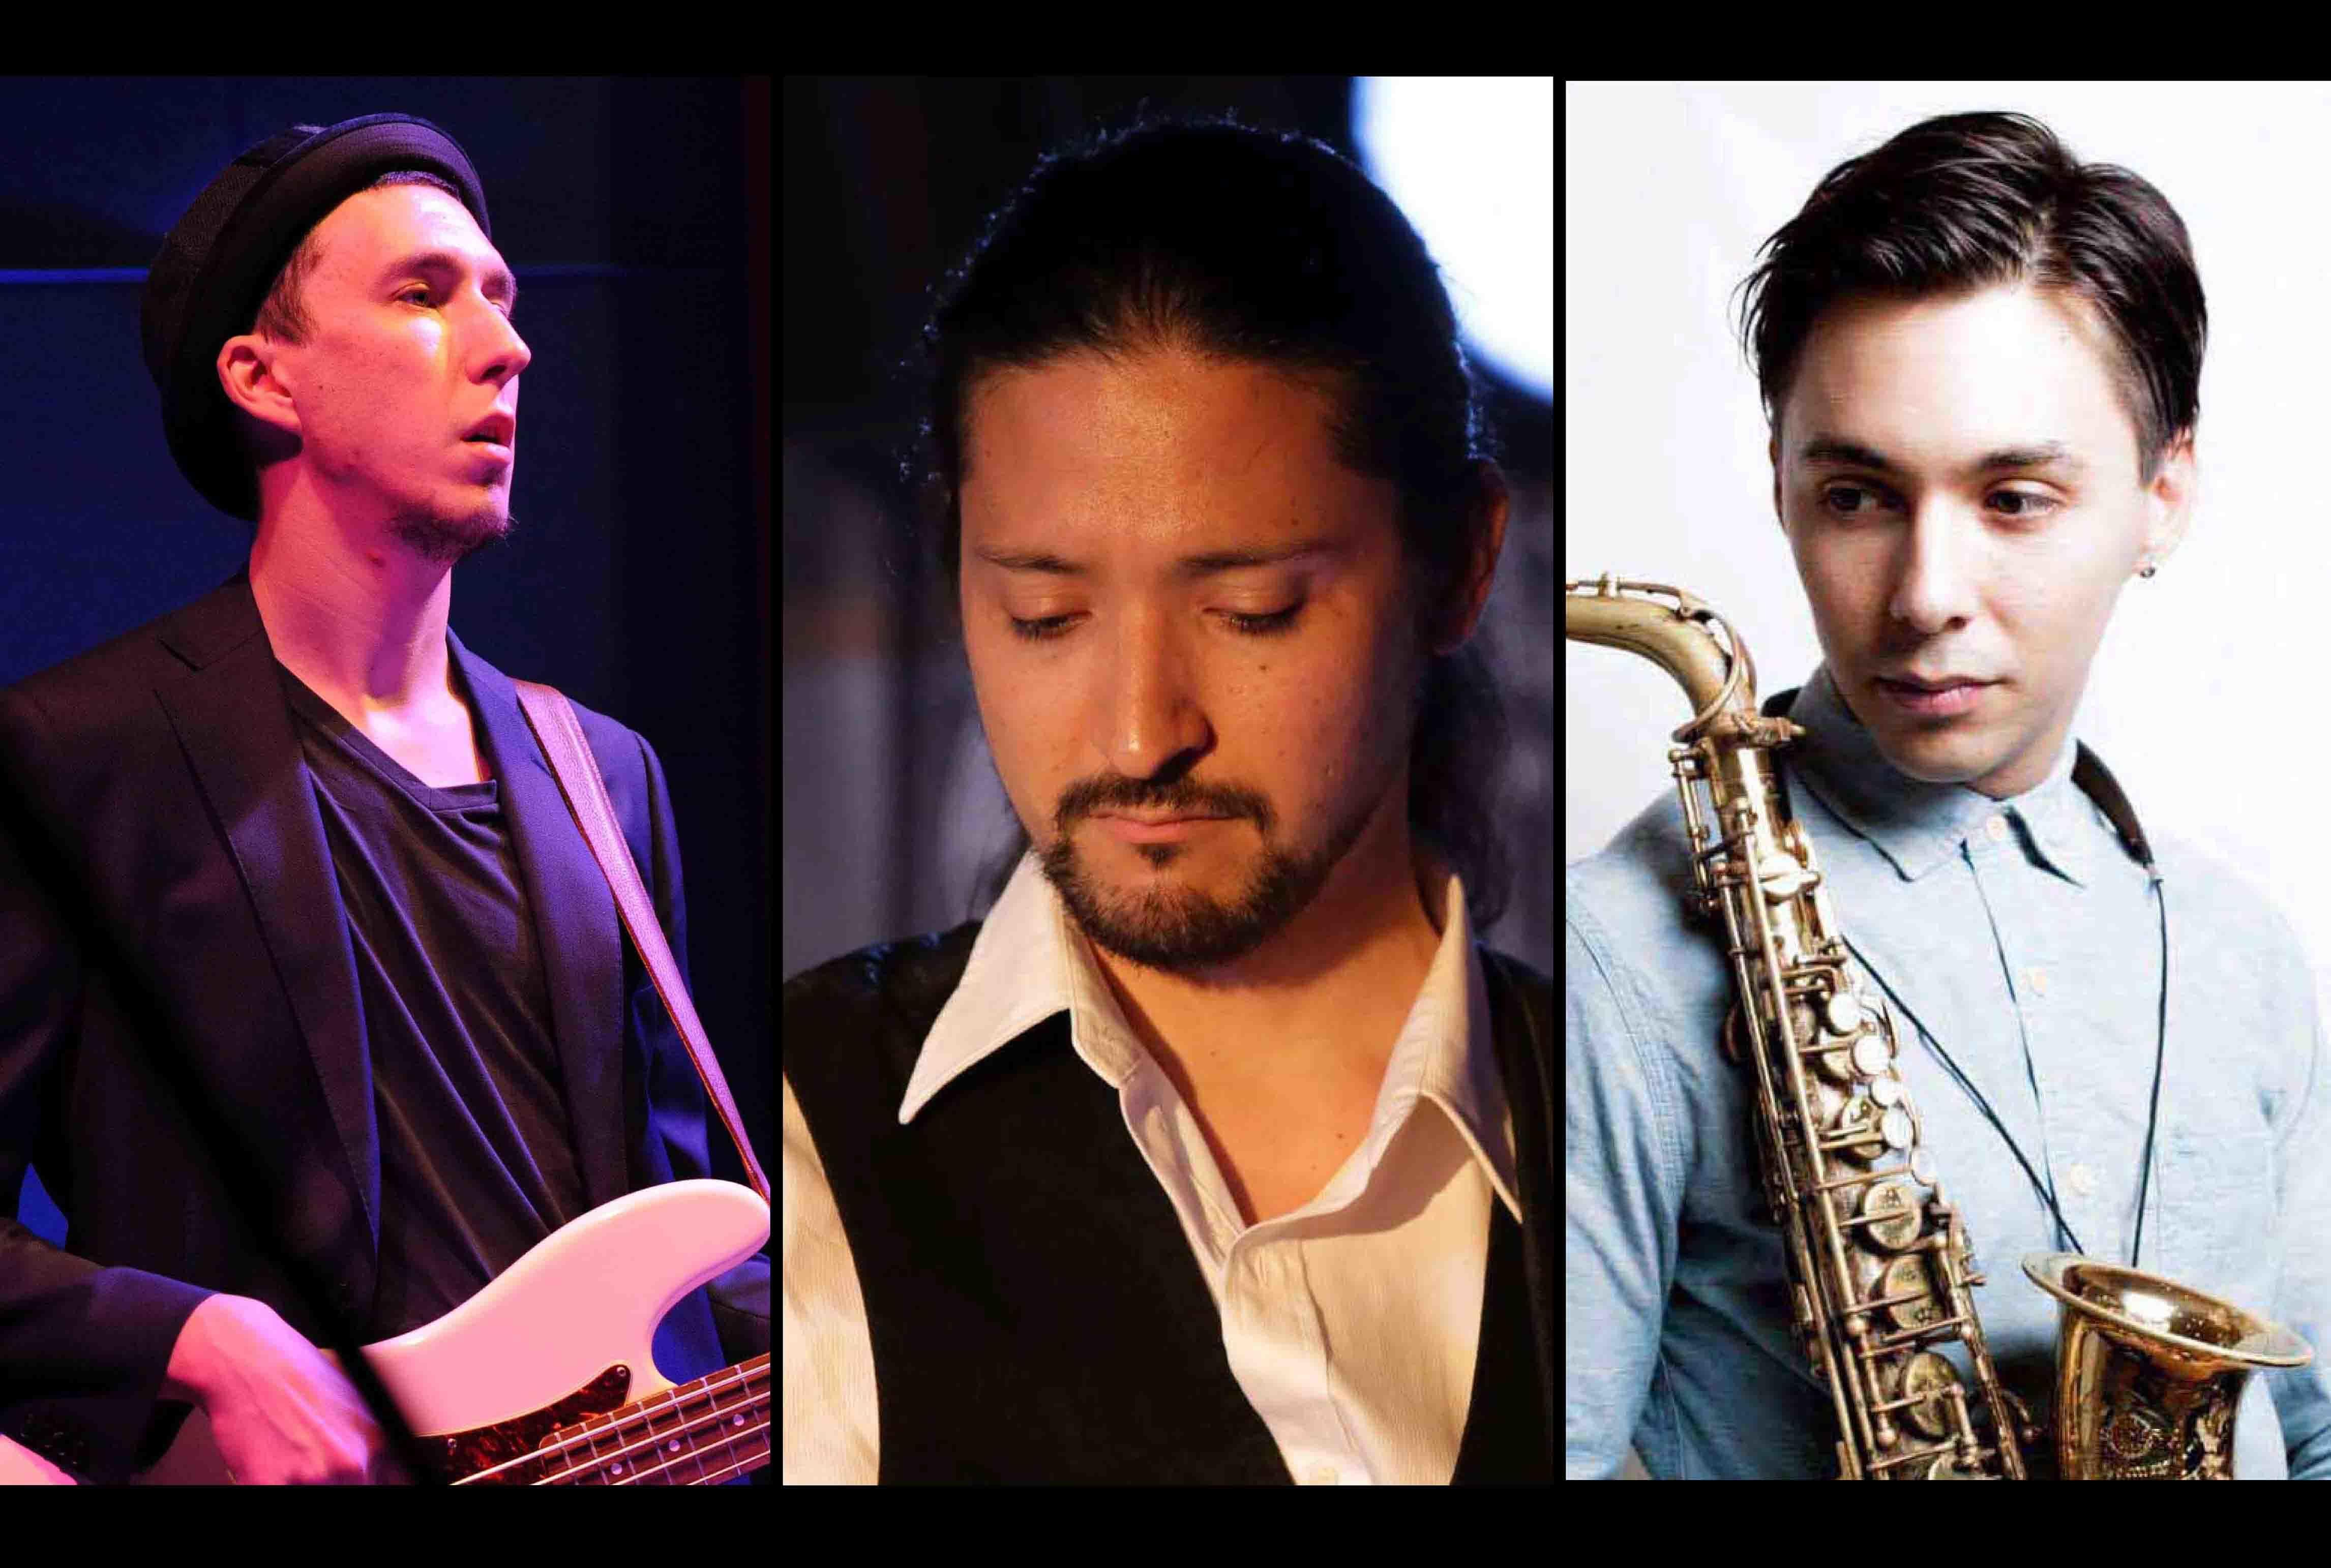 ジャズの奏者、ザック・クロクサルとトーマス・ムラマツとデイビッド・ネグレテの3人